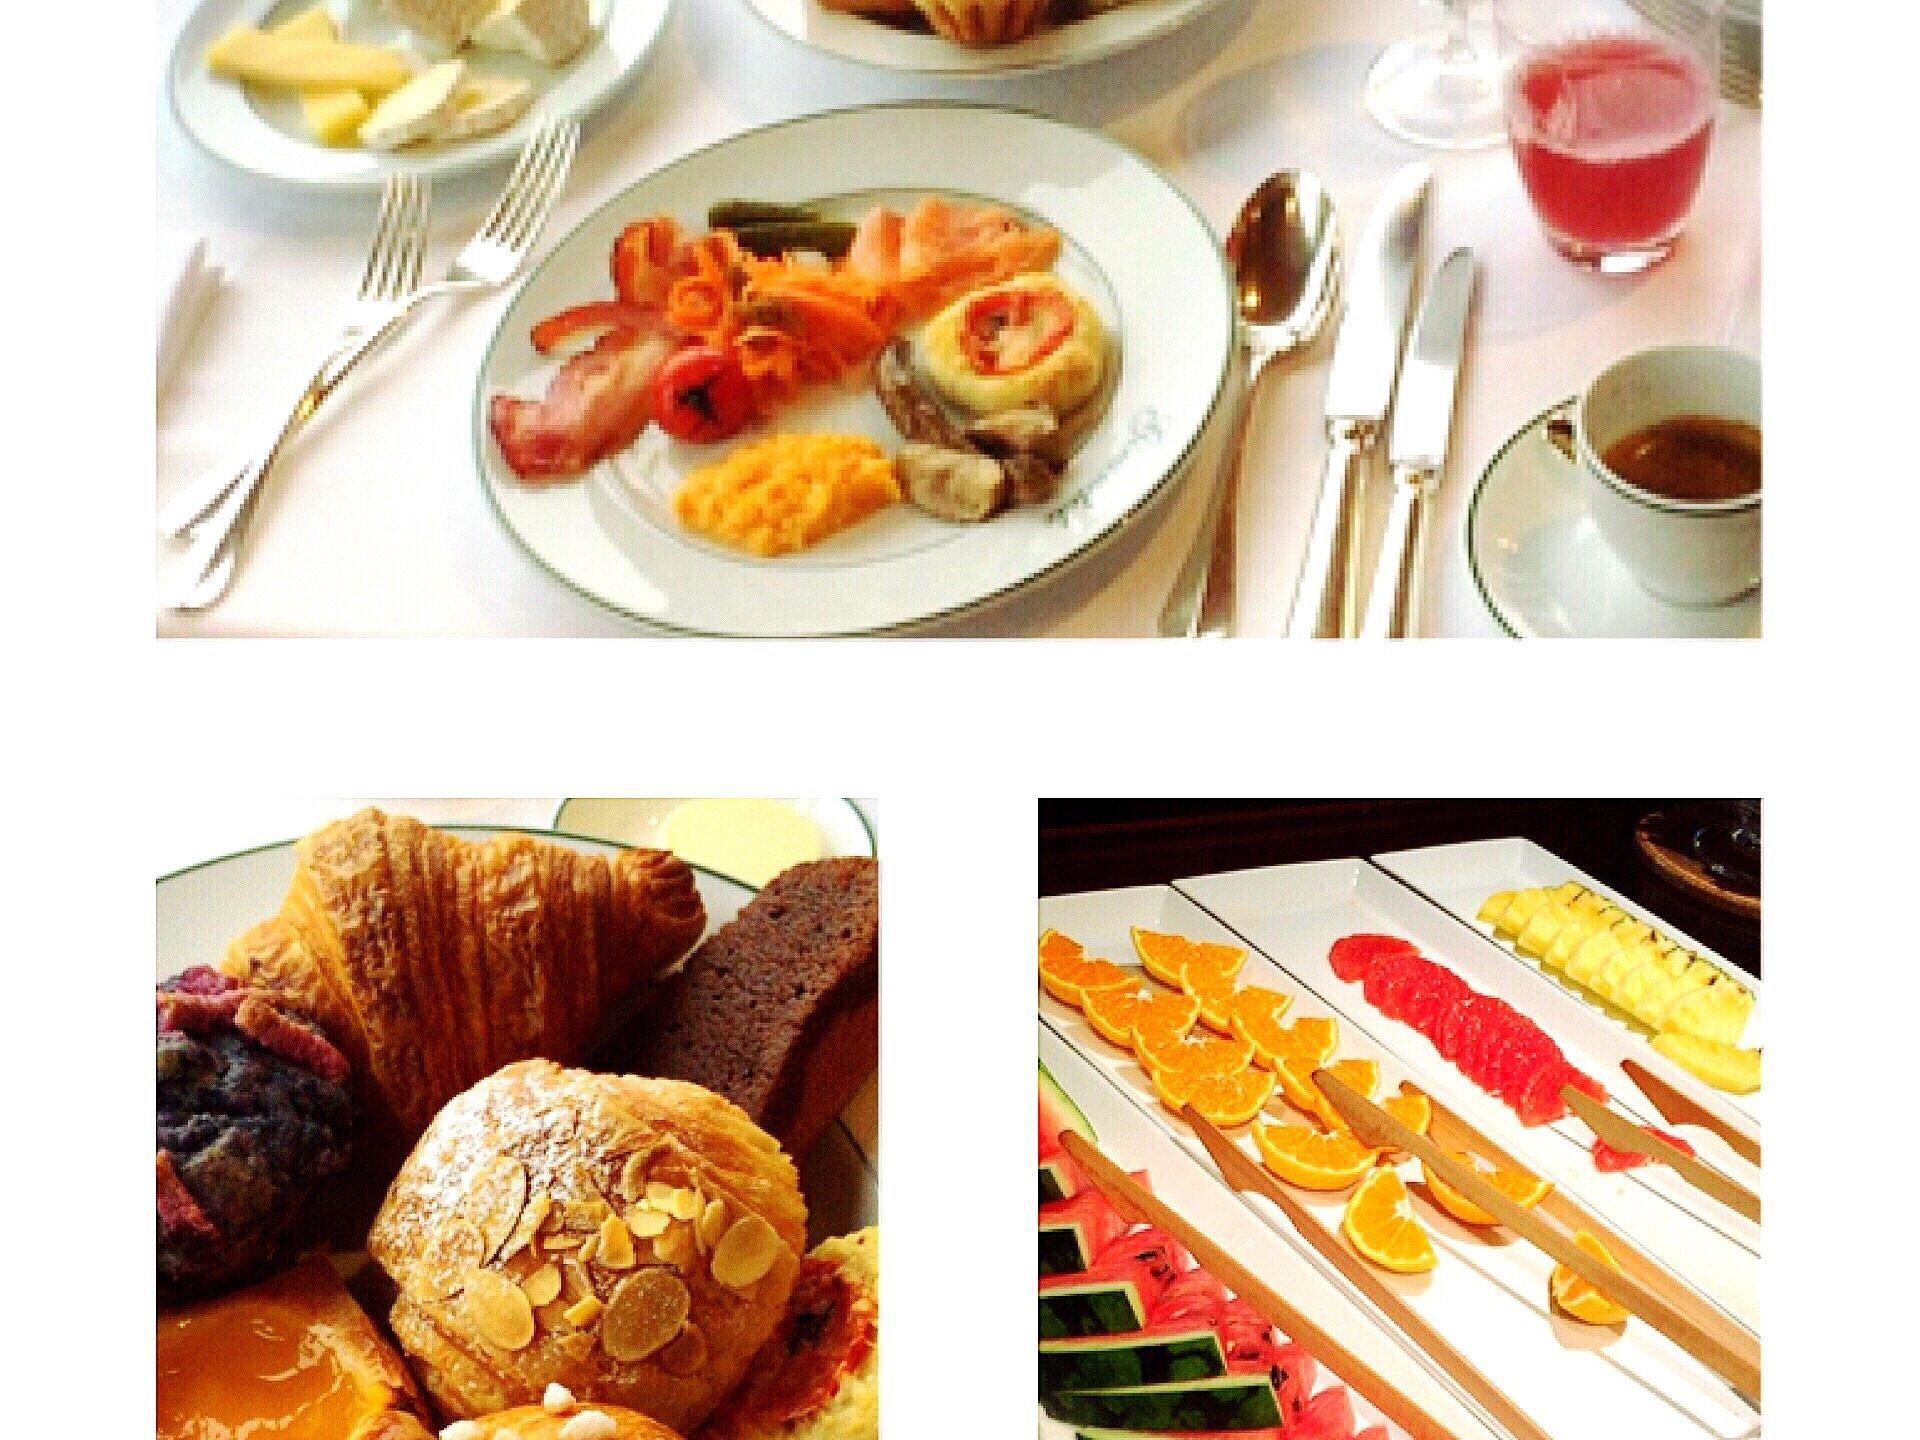 【5000円の高級朝ビュッフェ♡】おすすめホテル・パークハイアット東京の41階でセレブな朝活!